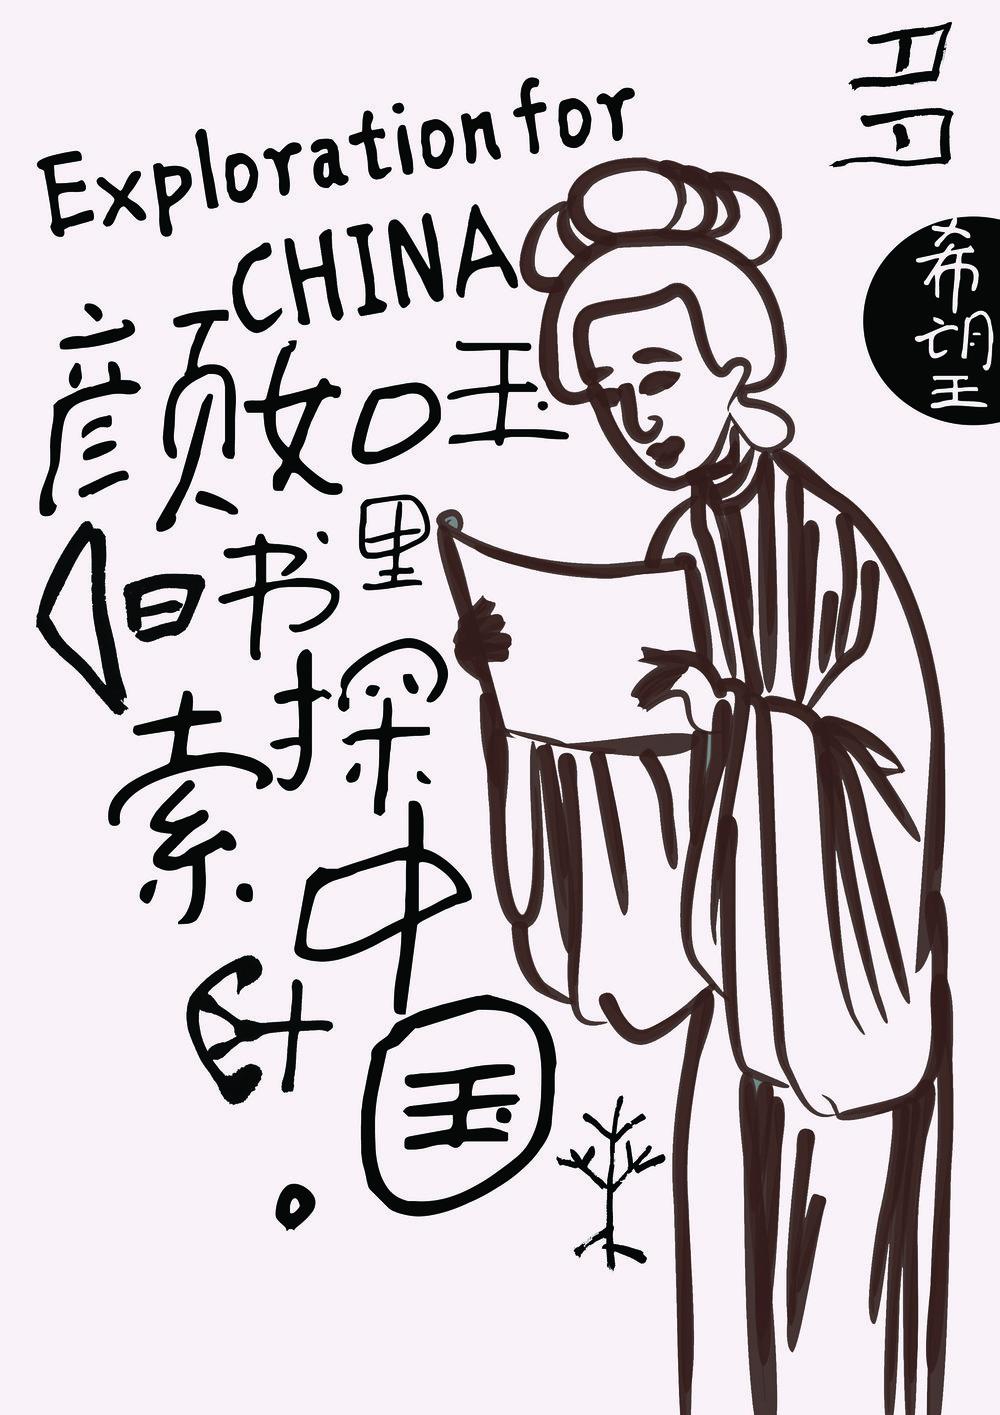 品读中国系列2.jpg